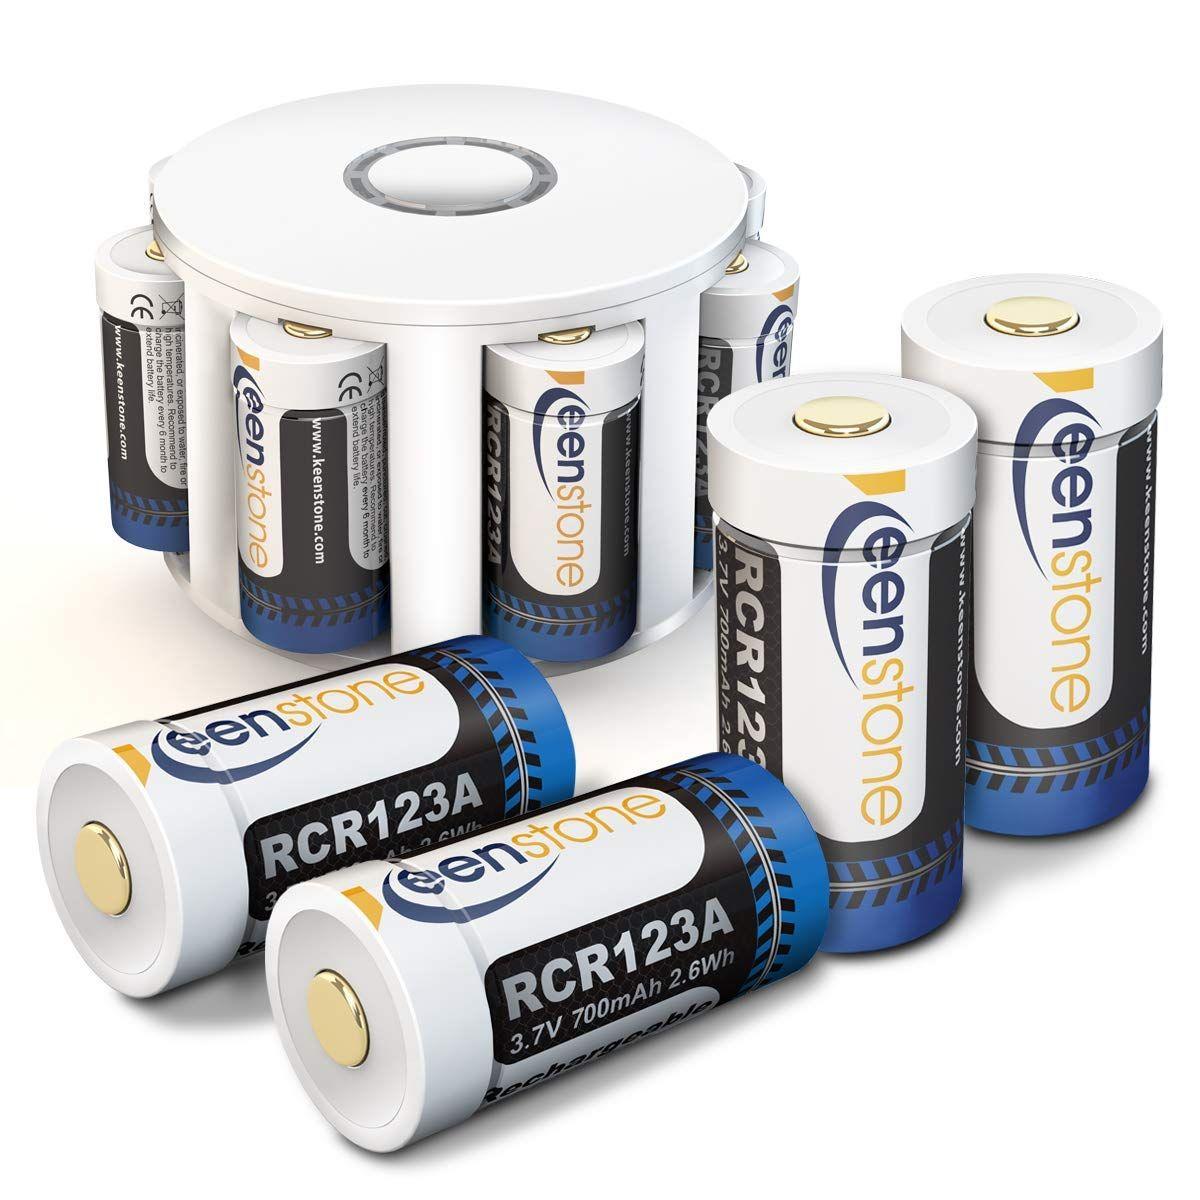 Rcr123a Batterie Rechargeable Pour Arlo Camera Keenstone Batterie Li Ion 3 7v 700mah Chargeur Avec 8 Compartiment 2 Batterie Rechargeable Chargeur Batterie